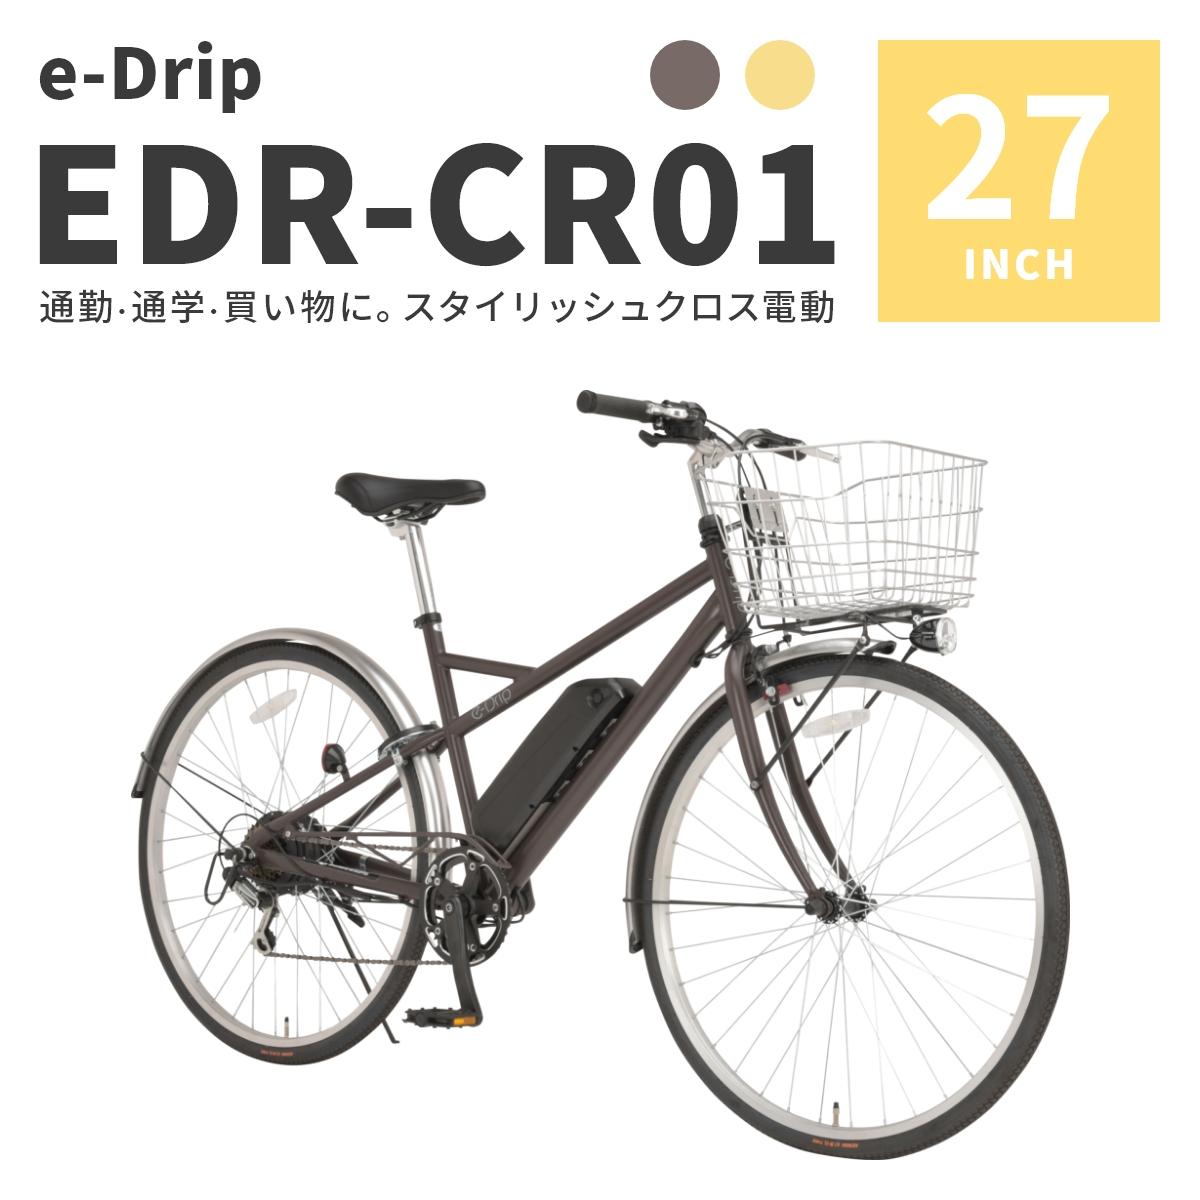 edr-cr01_ec_01